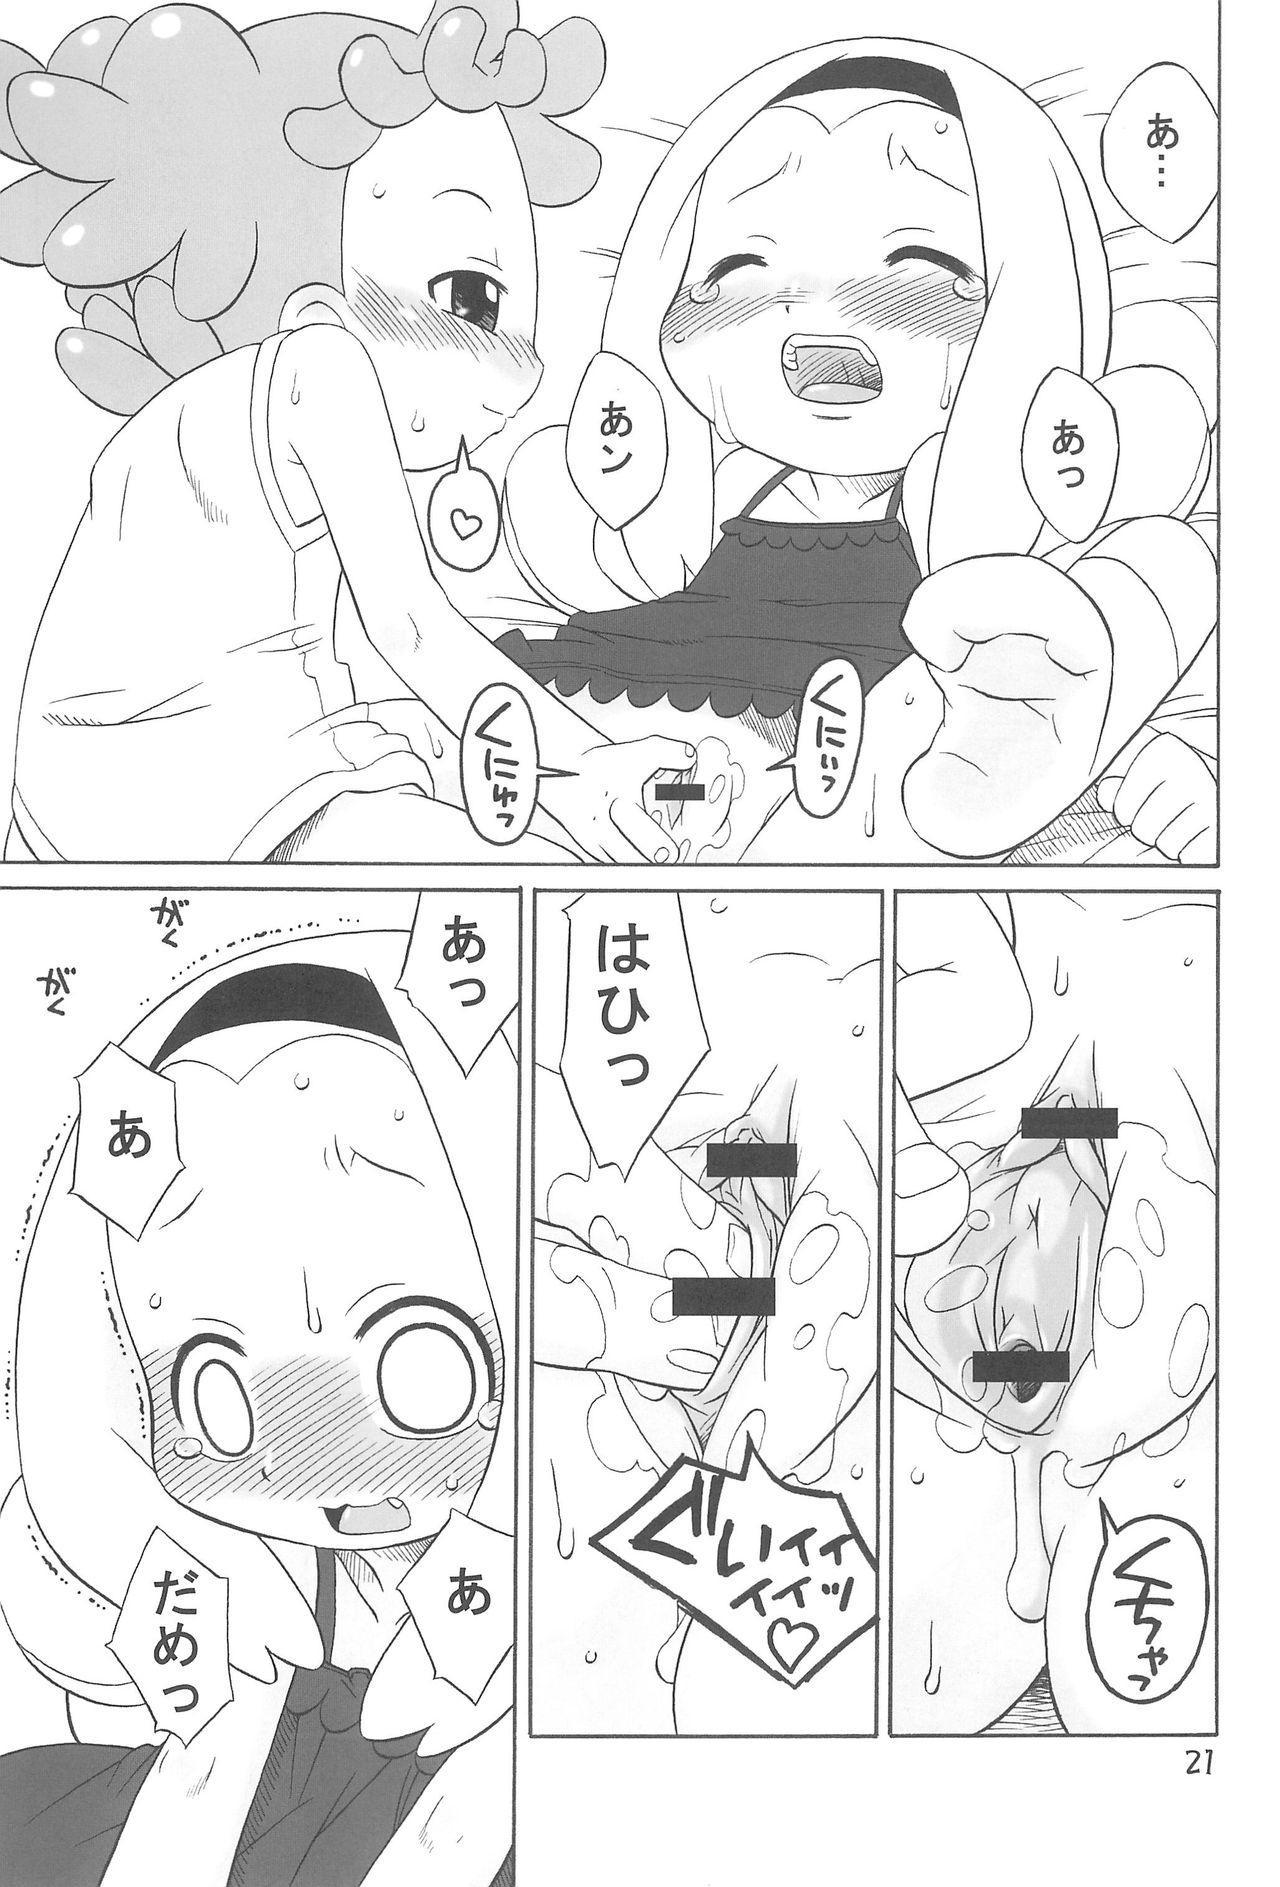 Tayorinai Bokura no Hateshinai Ashita. 20